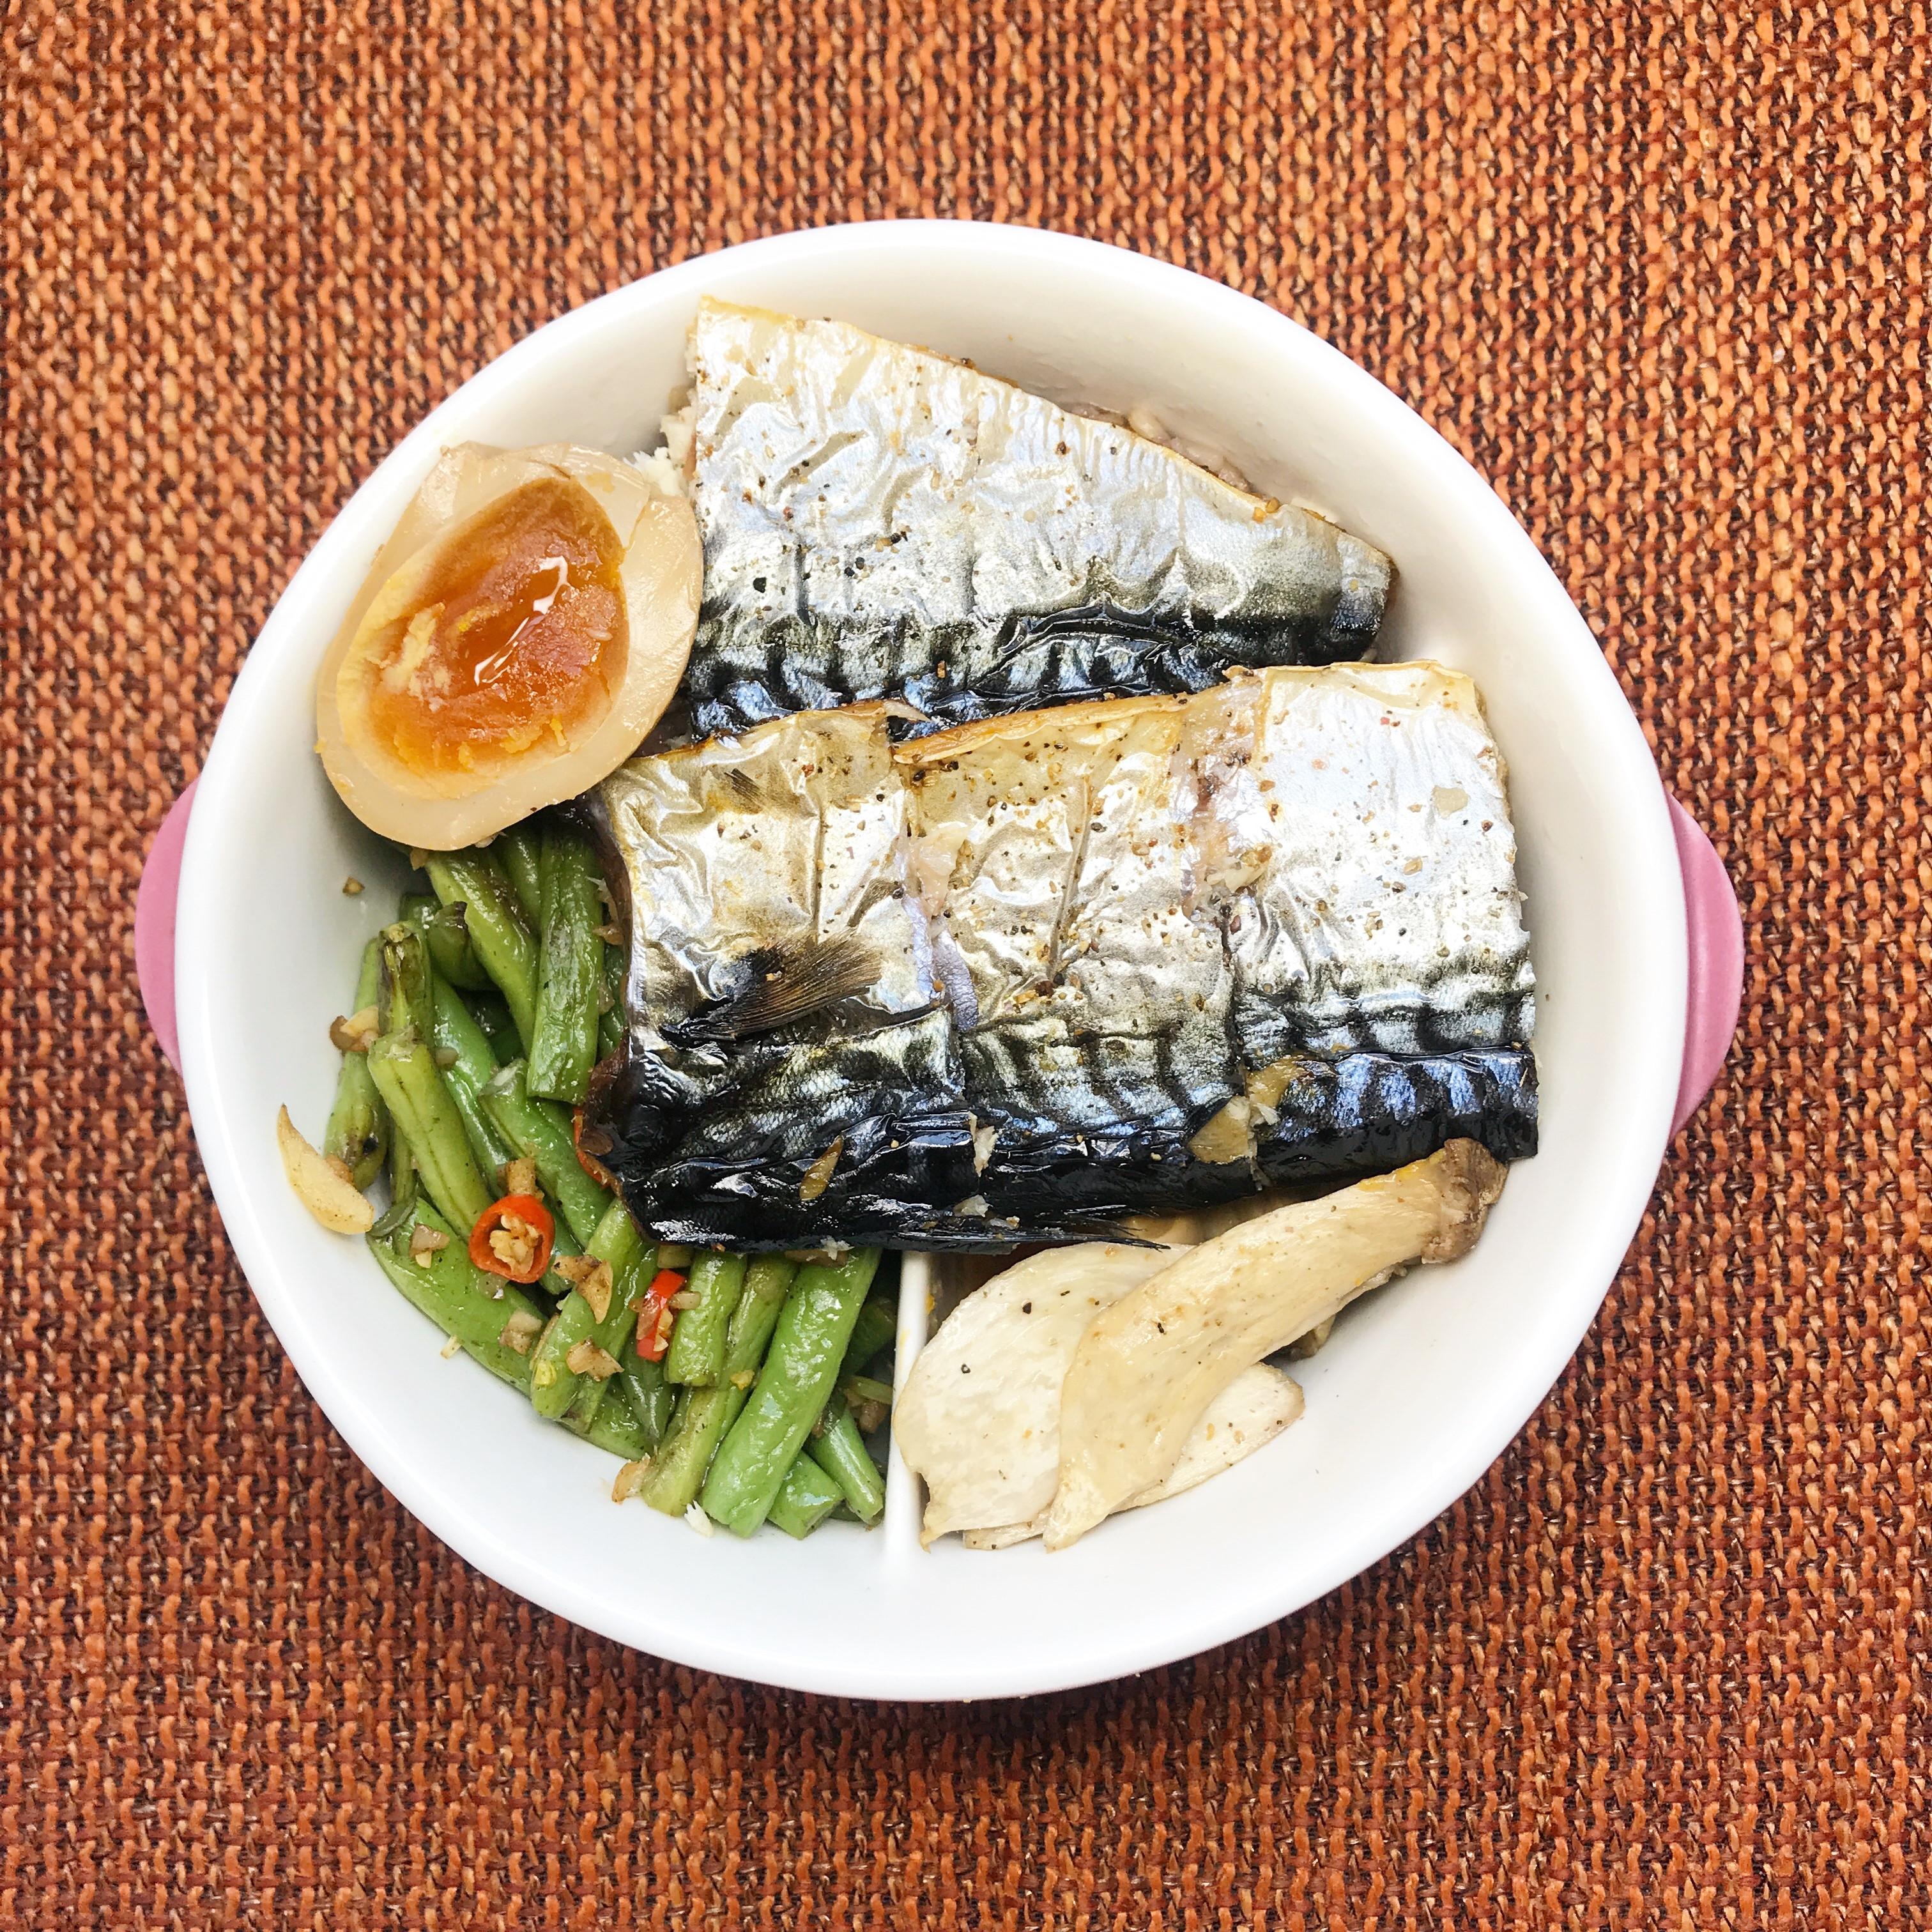 /健人料理/快速懶人料理 - 烤鯖魚便當